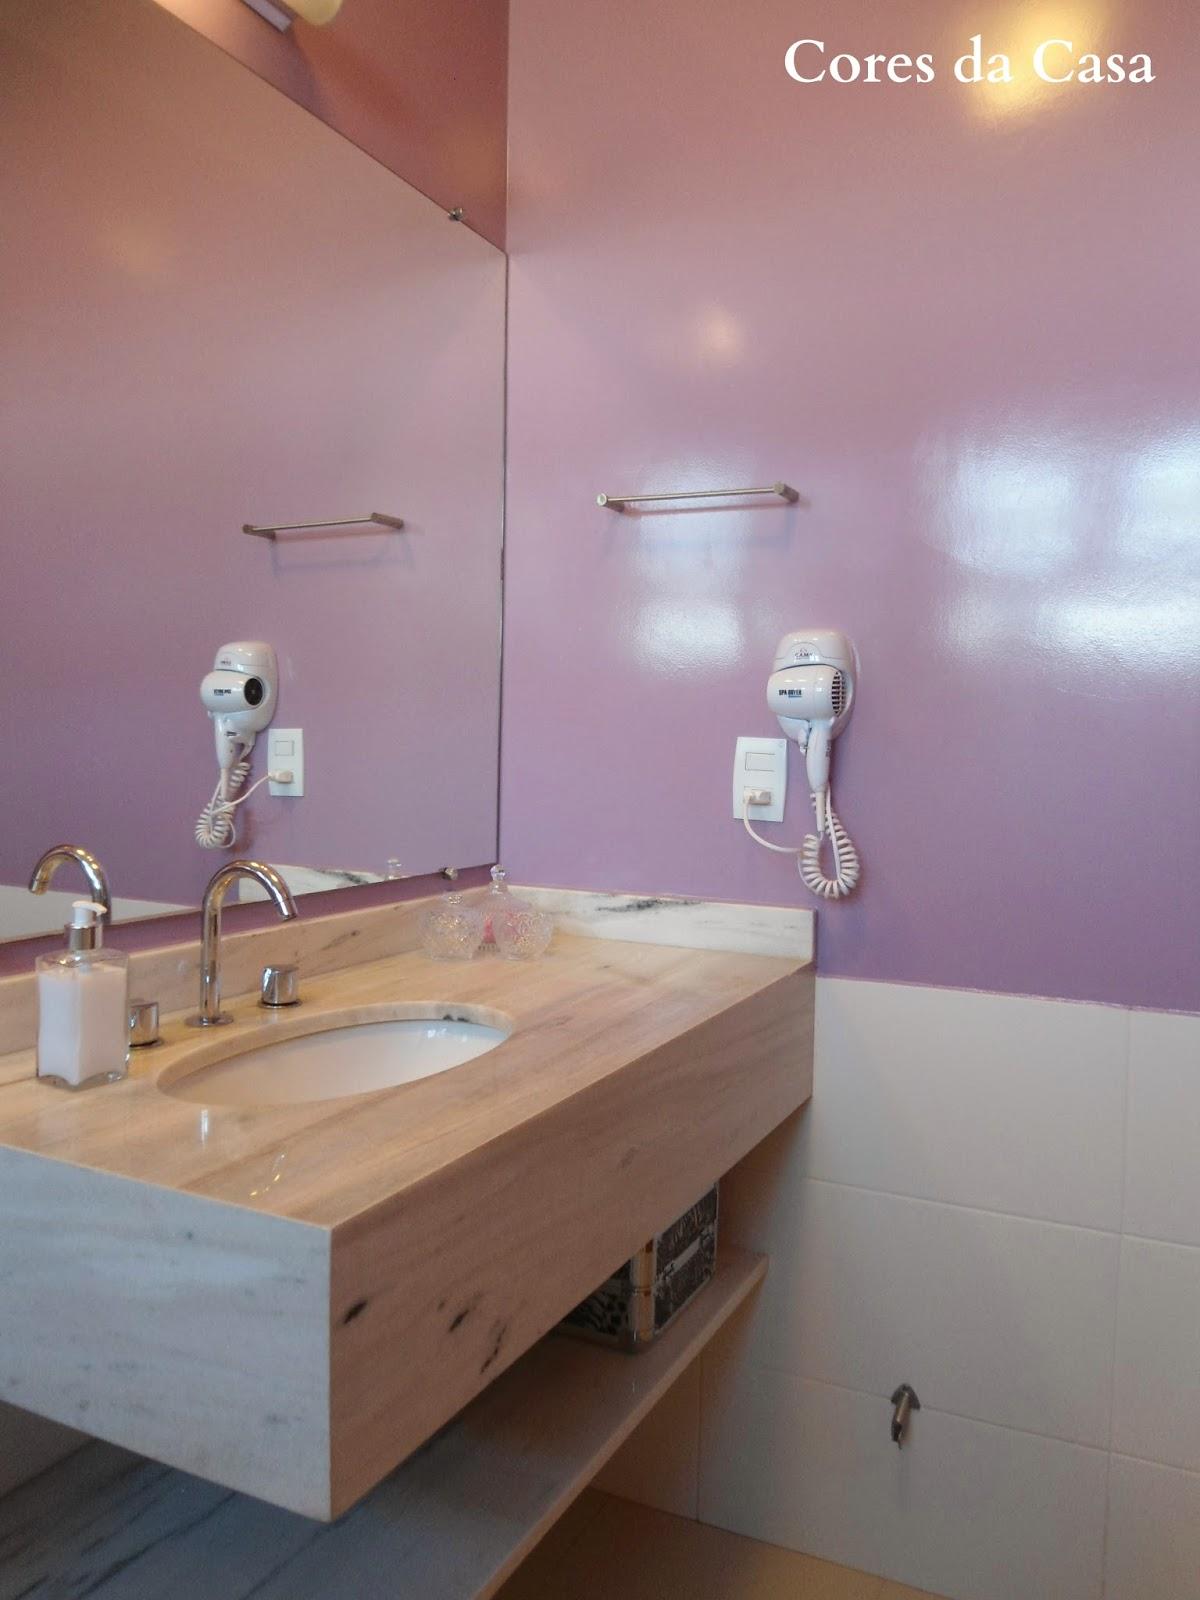 Sempre comento aqui no blog que a forma mais rápida e econômica de  #936D38 1200x1600 Banheiro Azulejo Ou Tinta